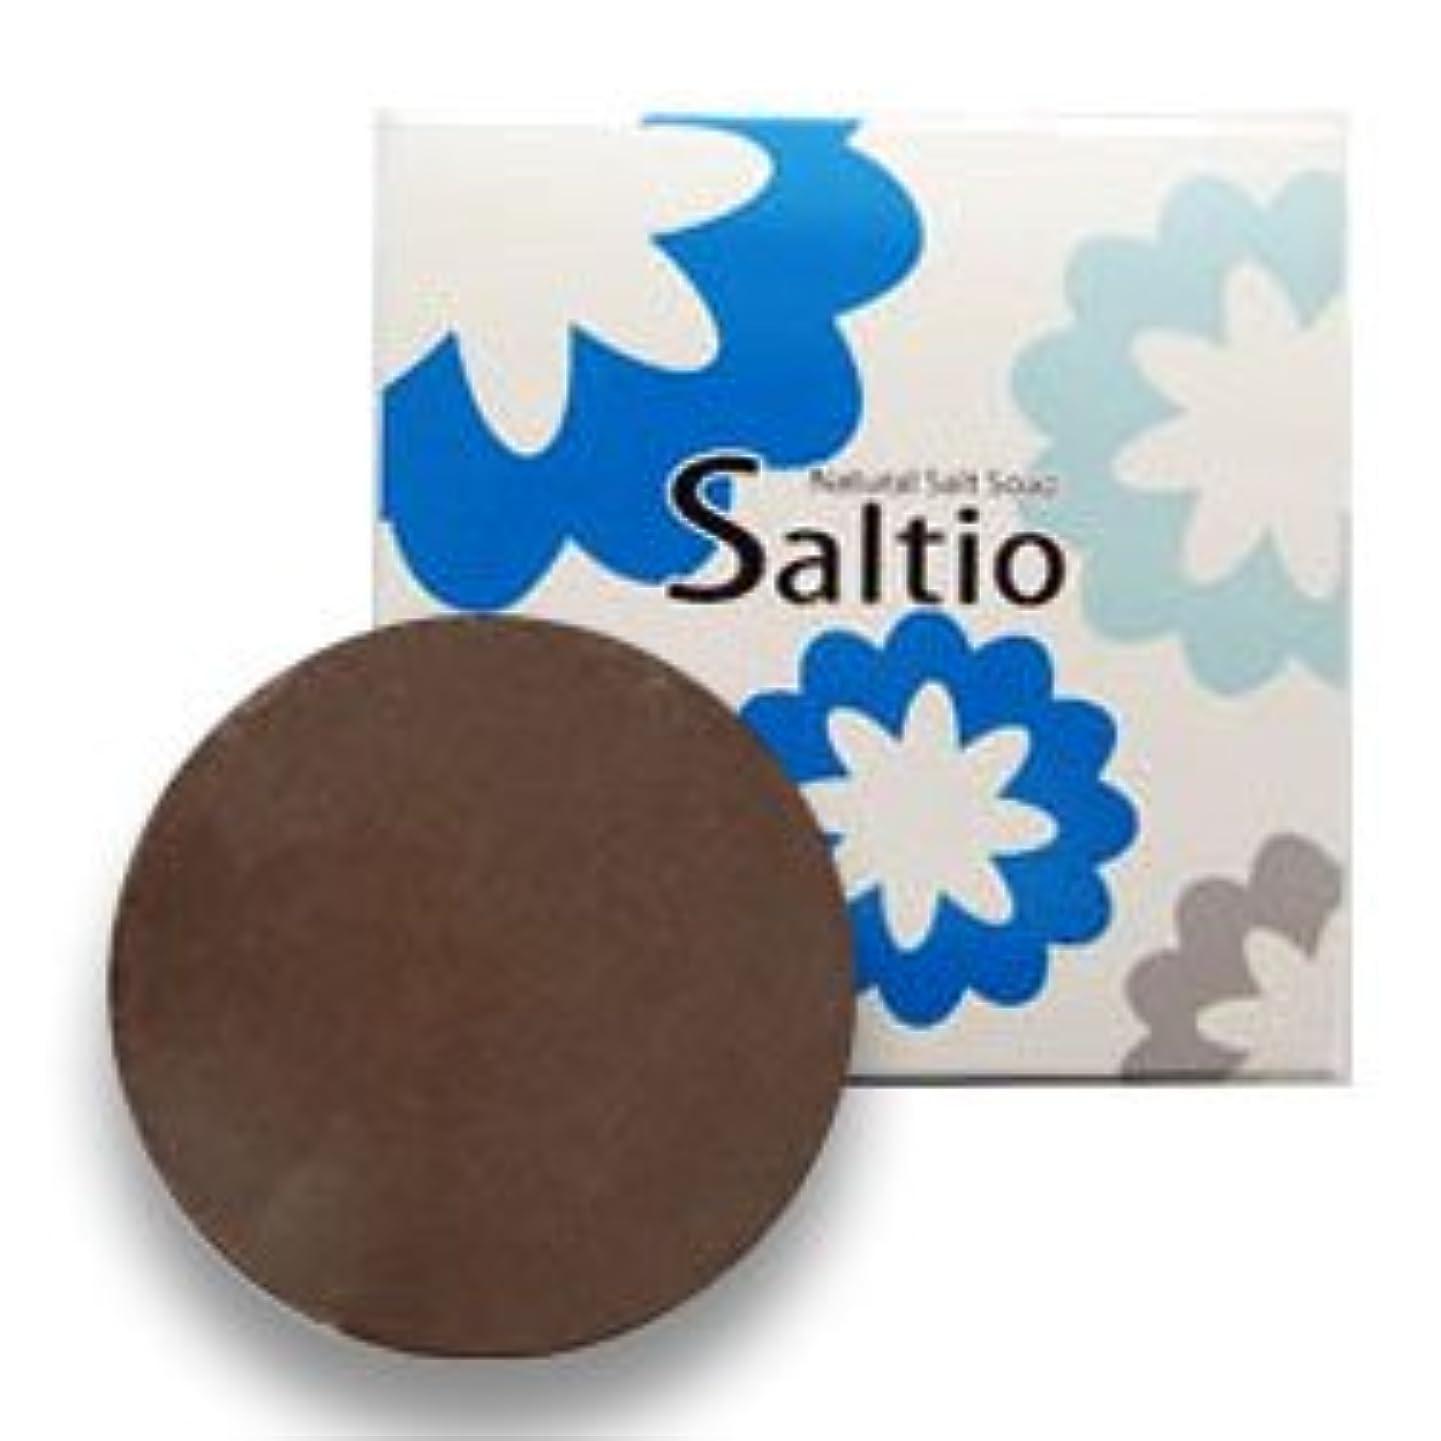 事務所誤解させる南無添加 石鹸 Saltio ソルティオ 泡立てネット 付き ( 洗顔?浴用 石けん ) 80g  / デオドラント